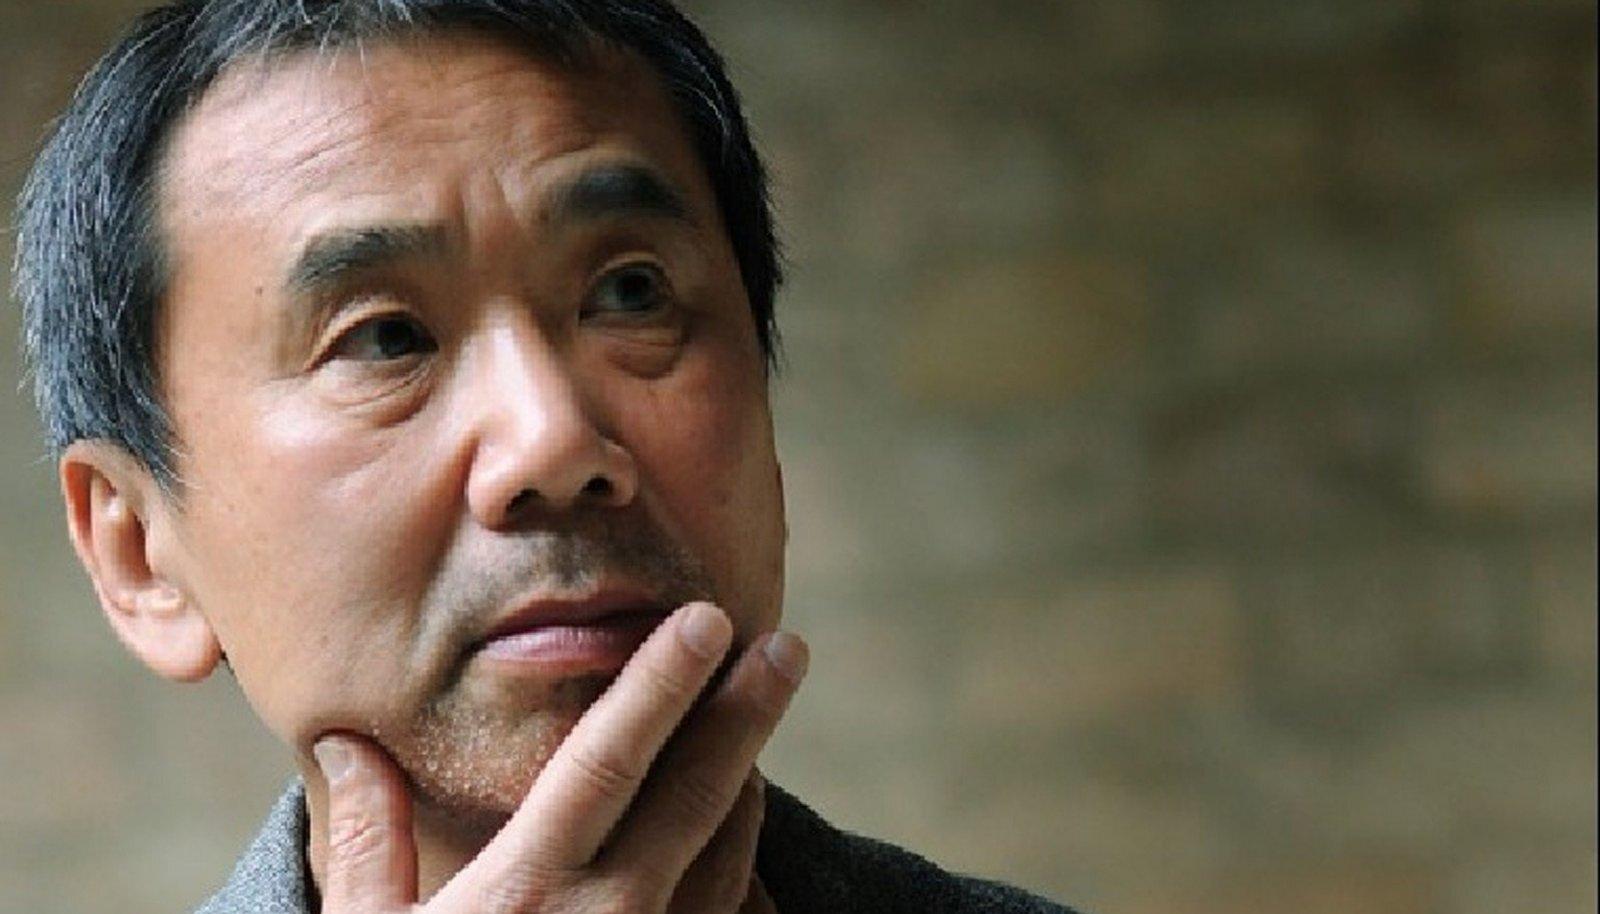 Millest mõtleb inimene jooksmise ajal? Enda sõnul Murakami ise ei mõtlegi millelegi, ja isegi kui mõtleb, on need ebaolulised aistingud, mis on tingitud ilmast või energiavarude puudumisest.